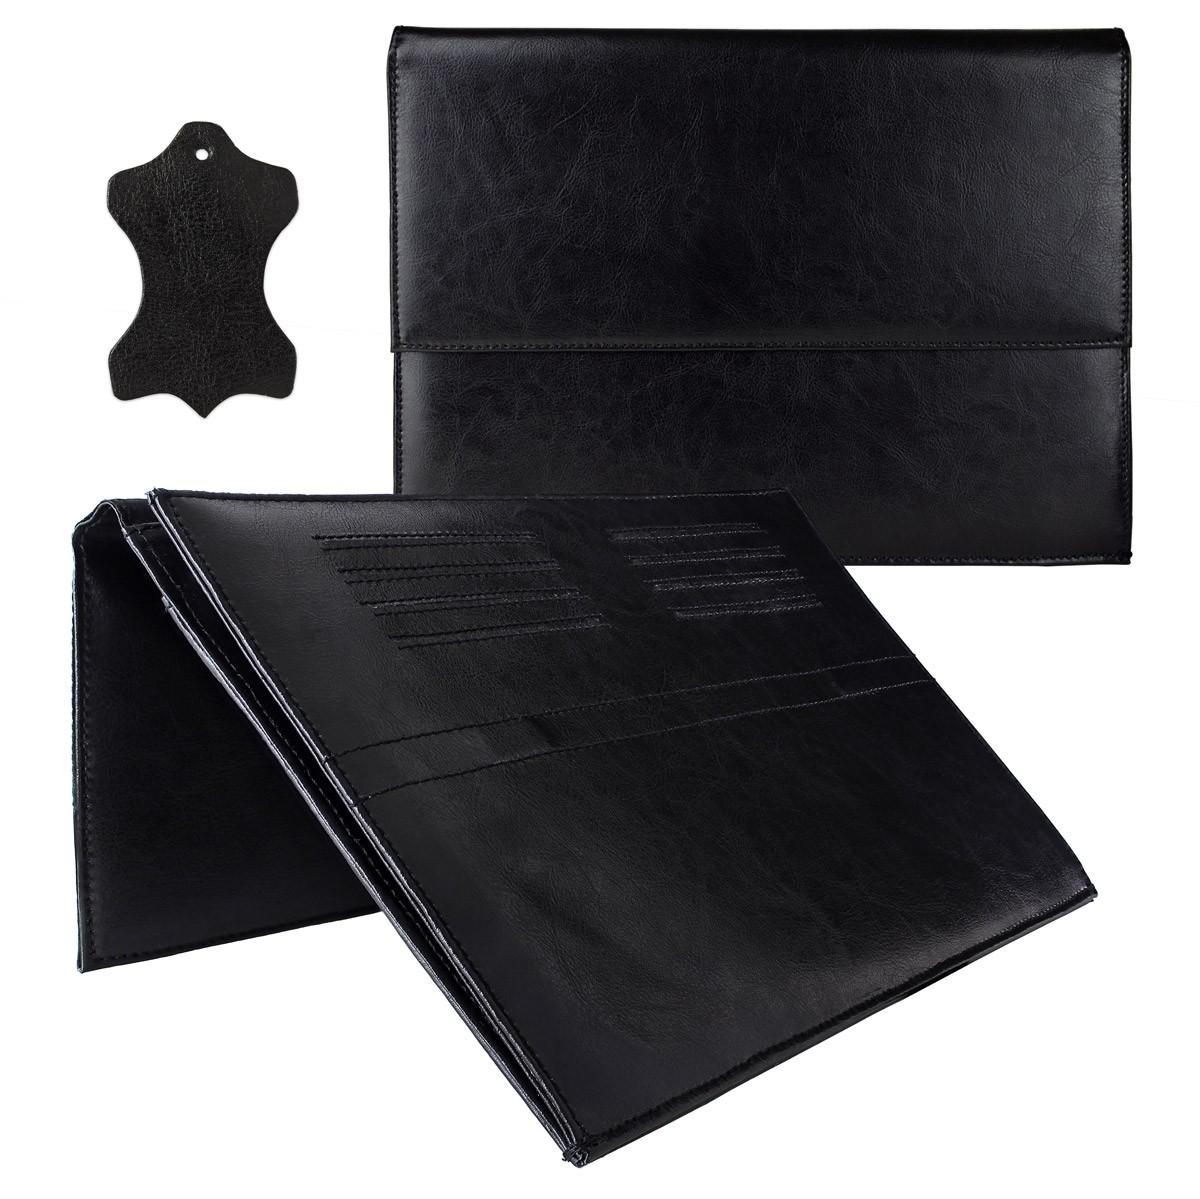 efabrik schutztasche f r huawei mediapad m2 tablet 10 1 h lle case cover sleeve zubeh r leder. Black Bedroom Furniture Sets. Home Design Ideas